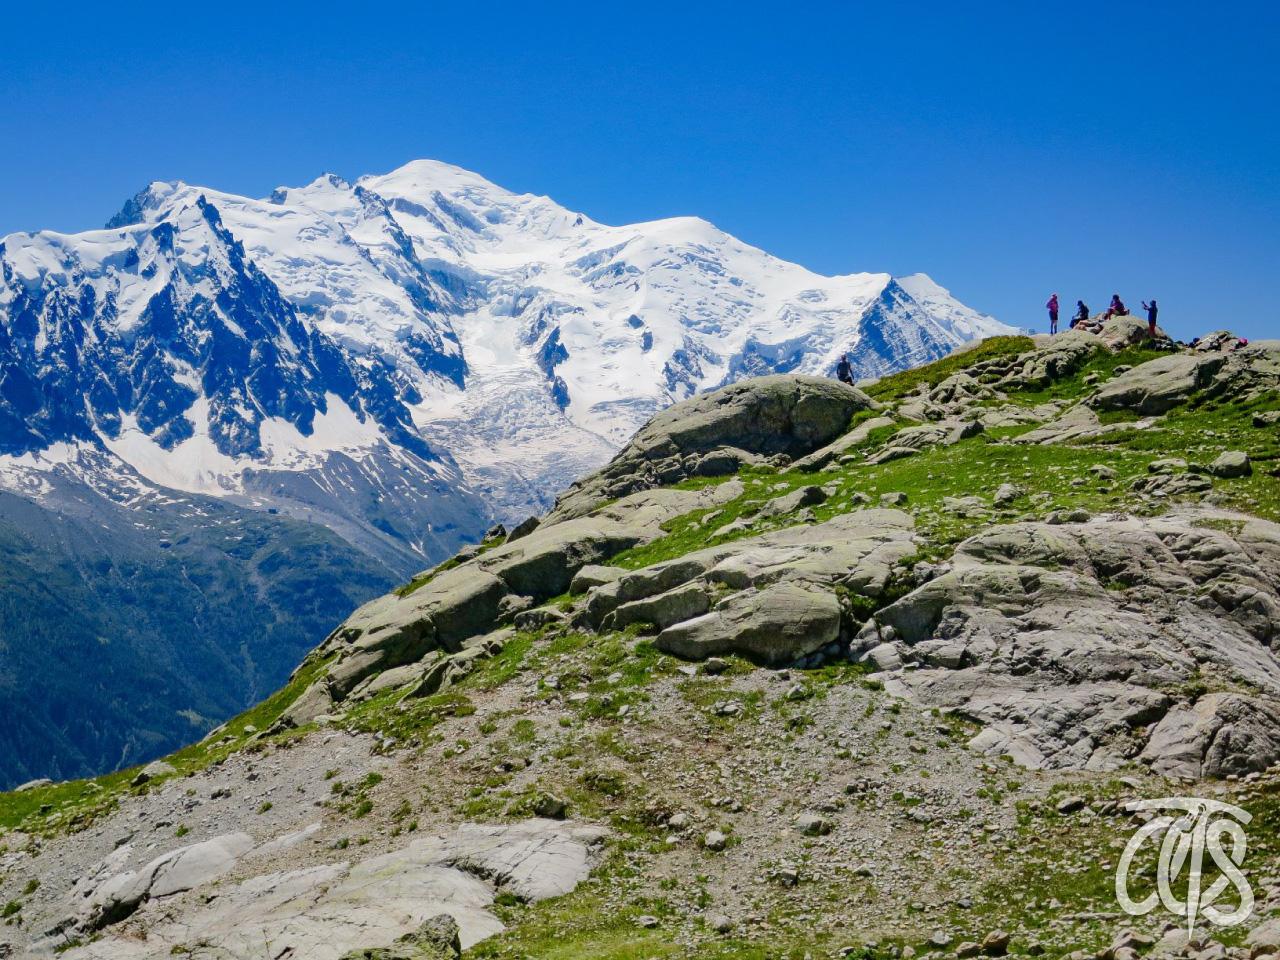 ヨーロッパ・アルプスの最高峰モンブラン